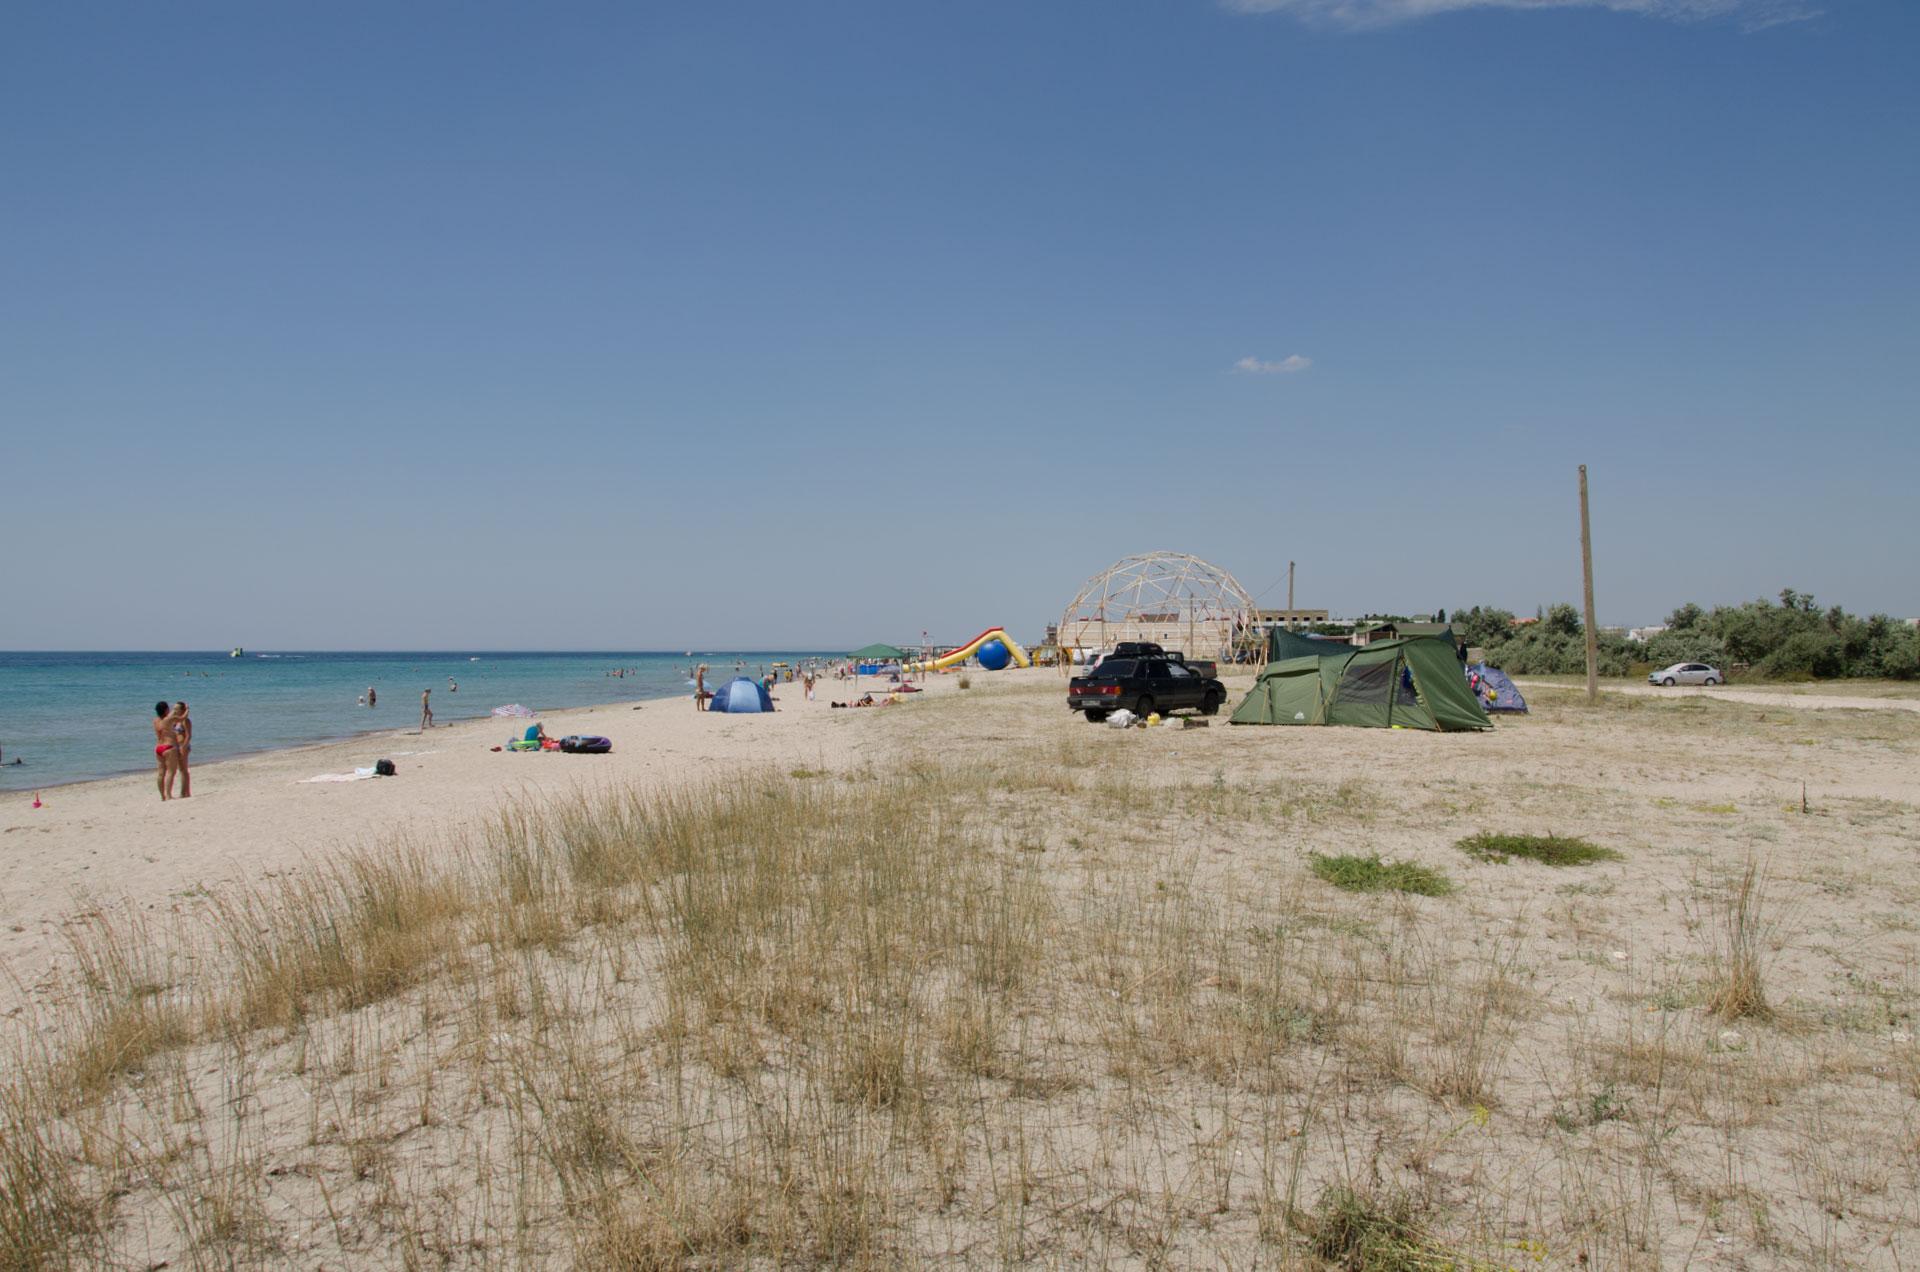 Песчаный дикий пляж в Штормовом 2019. Фото Штормового